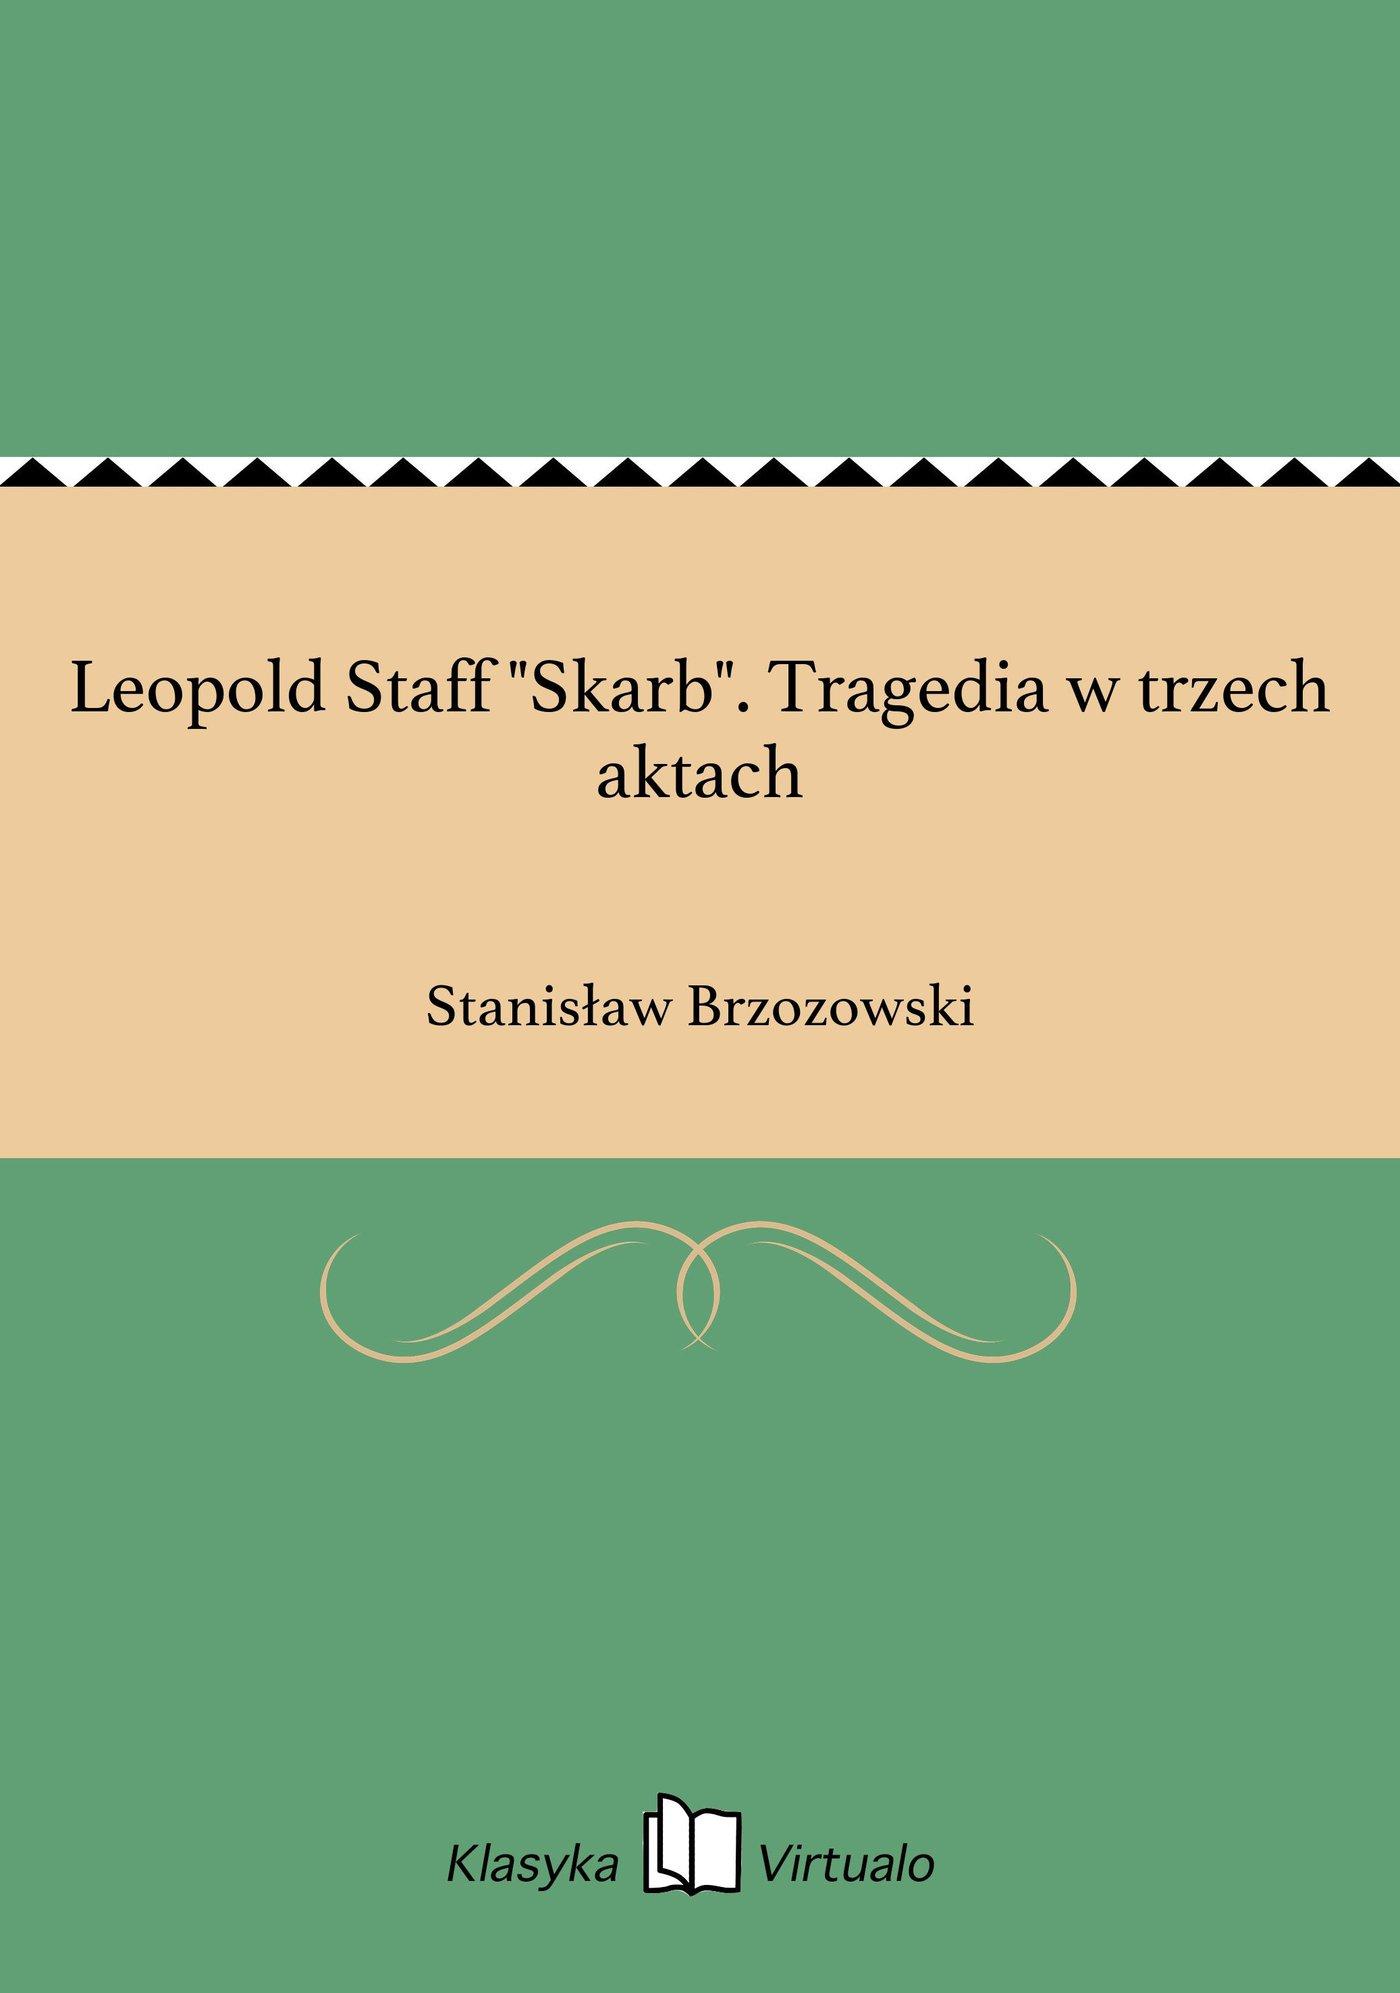 """Leopold Staff """"Skarb"""". Tragedia w trzech aktach - Ebook (Książka EPUB) do pobrania w formacie EPUB"""